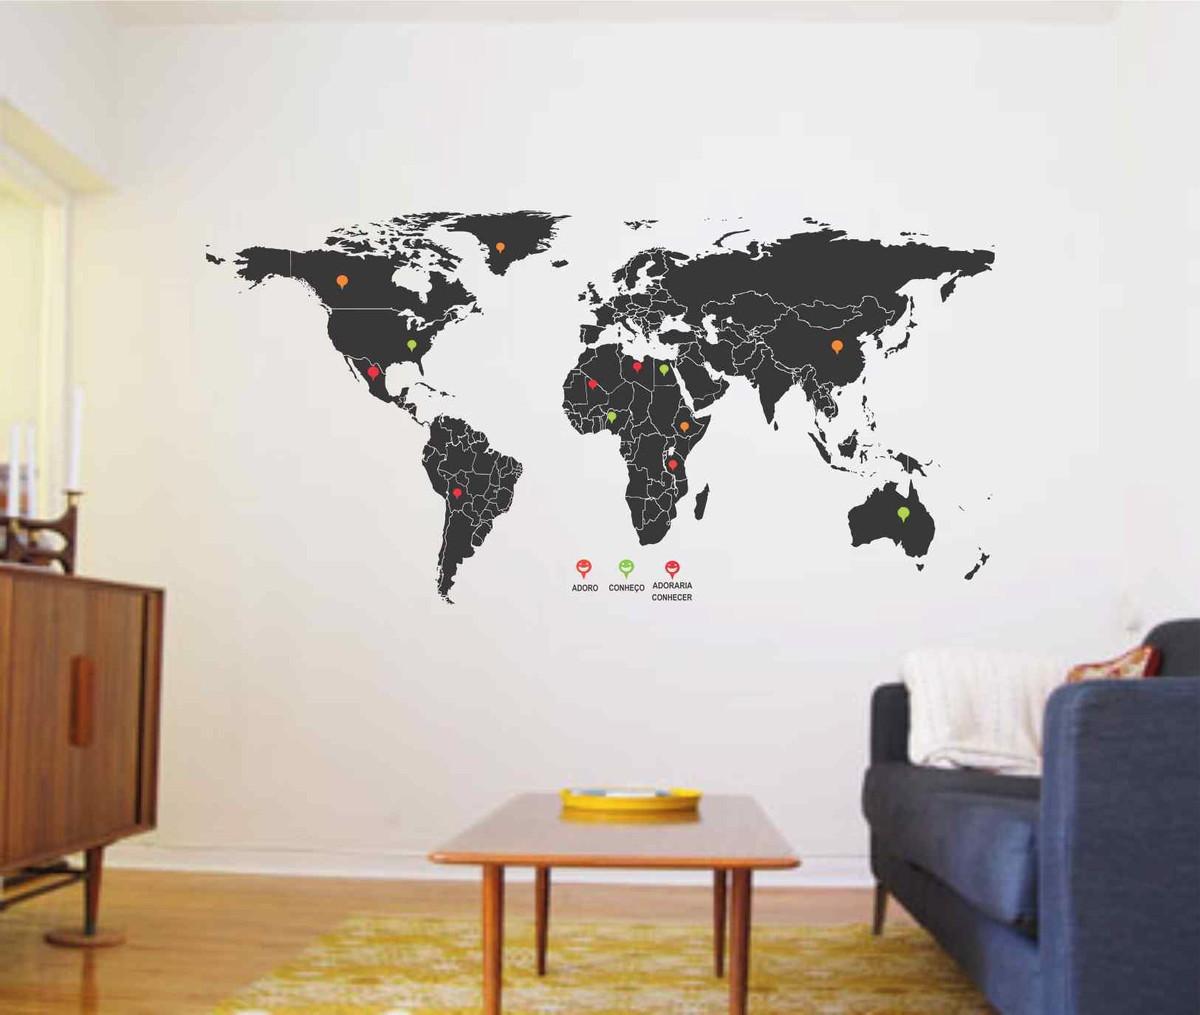 Adesivo De Parede Mapa Mundi Mochileiro Pins Viagem No Elo7